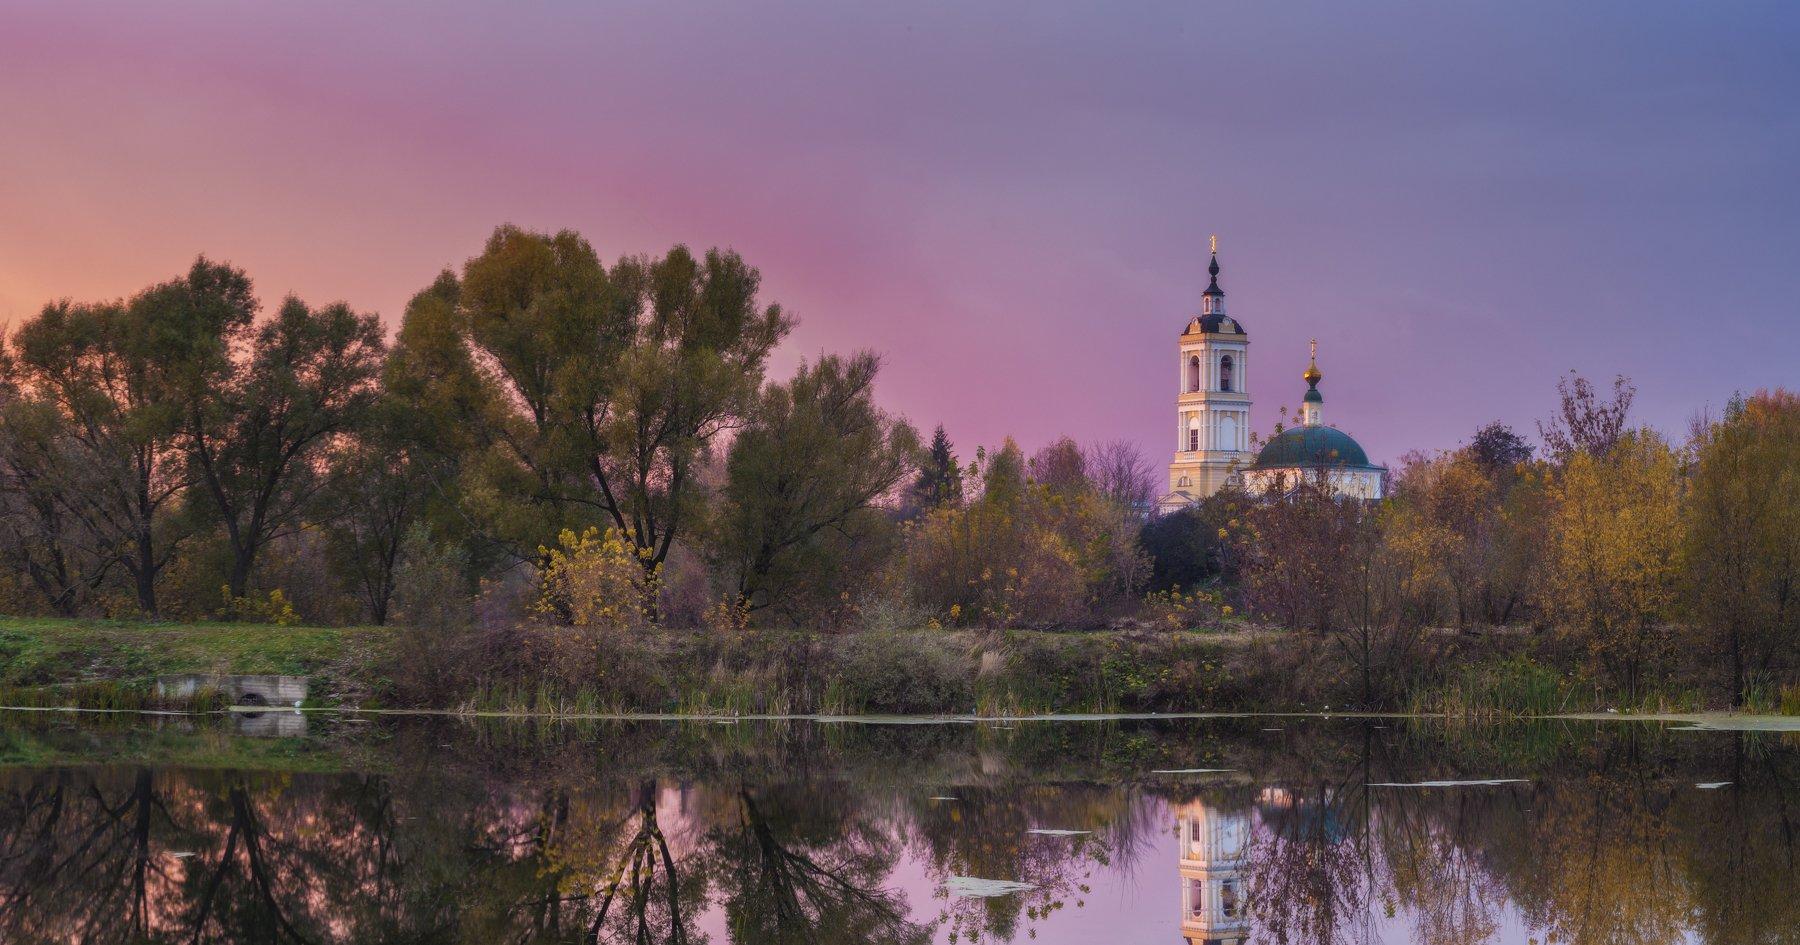 осень, храм, росиия, путешествие, природа, пейзаж, коломна, закат, небо, Павел Ныриков